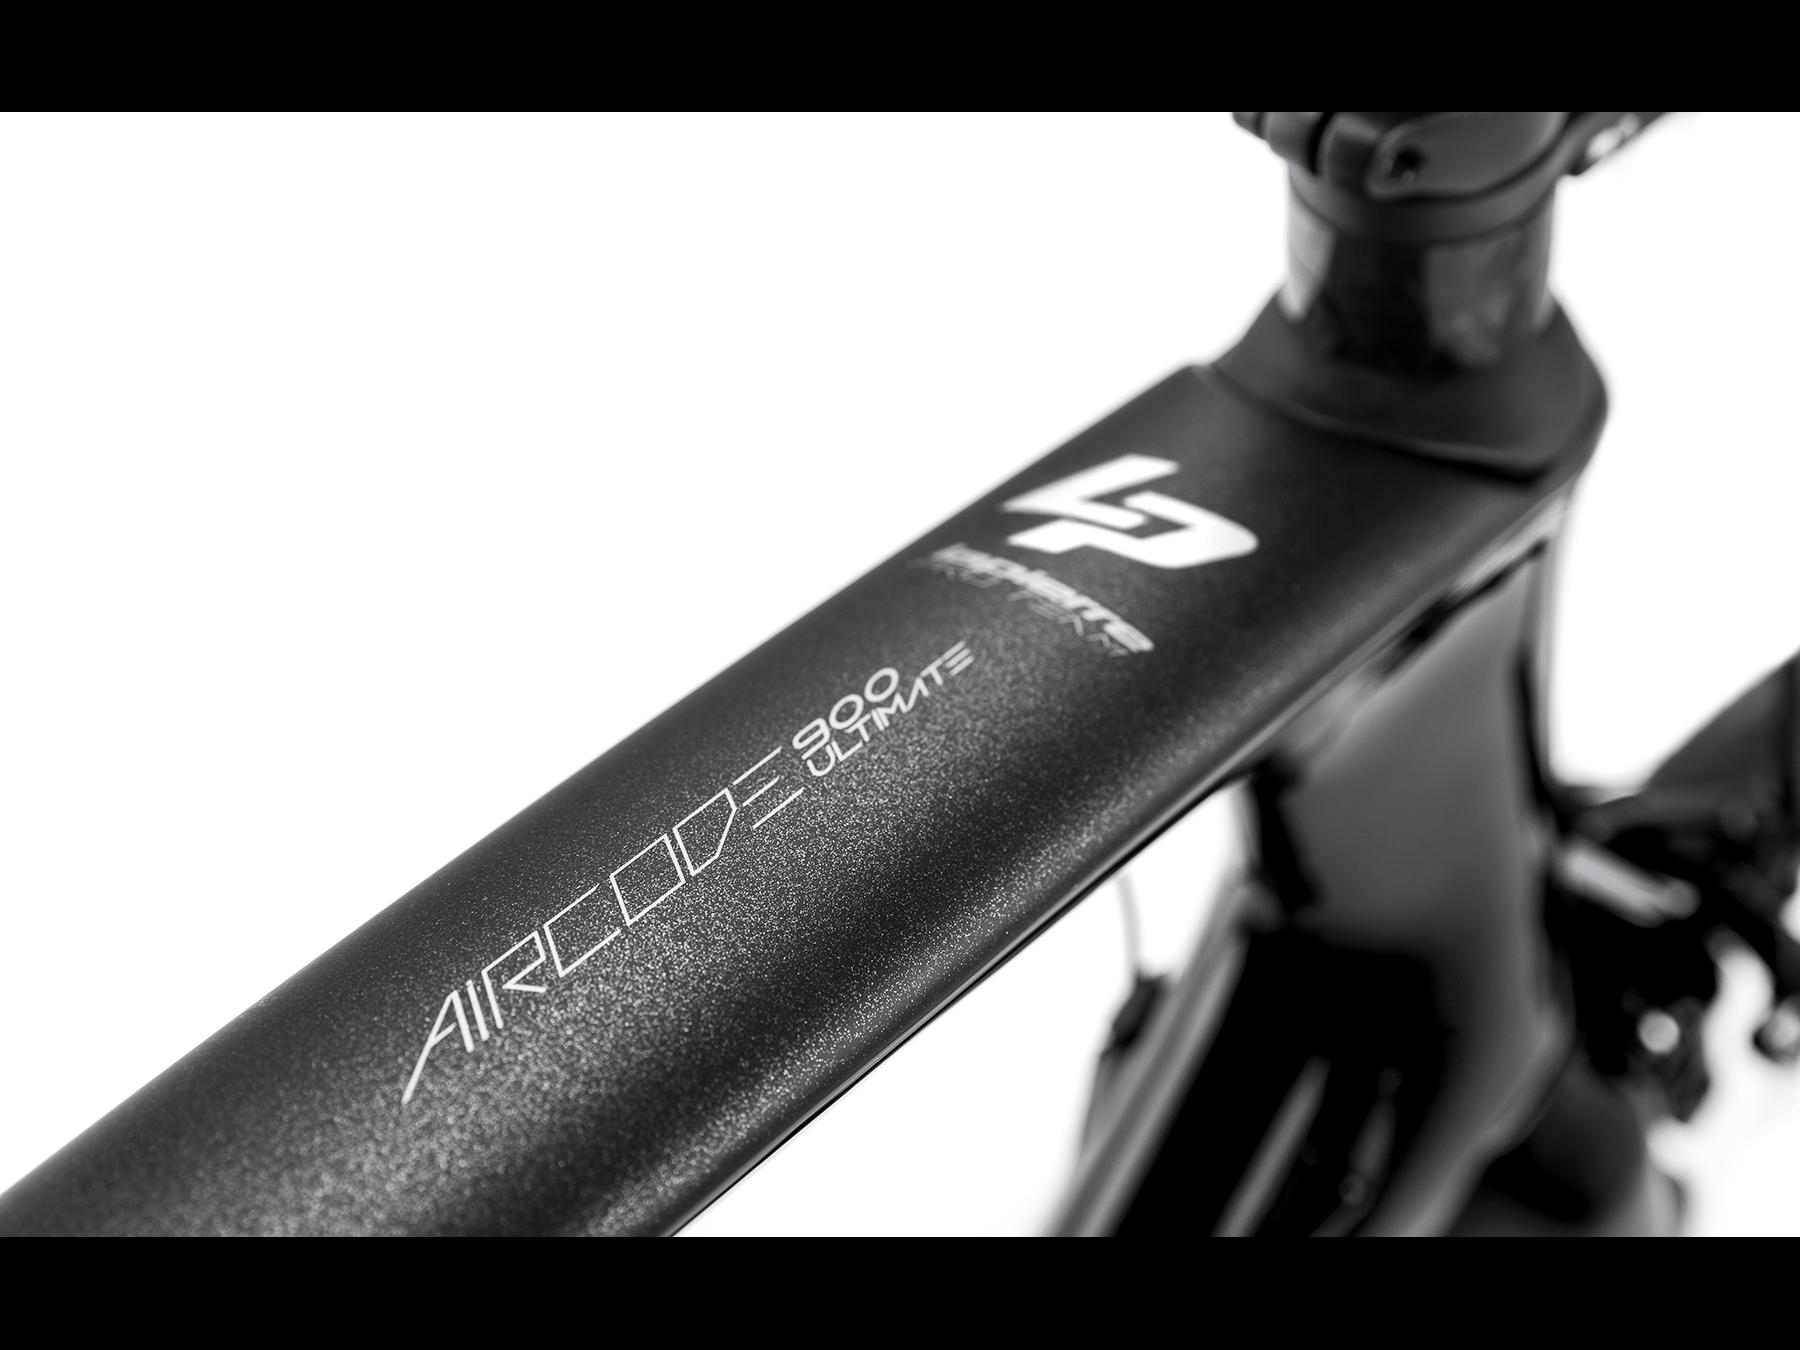 AIRCODE SL 900 MC